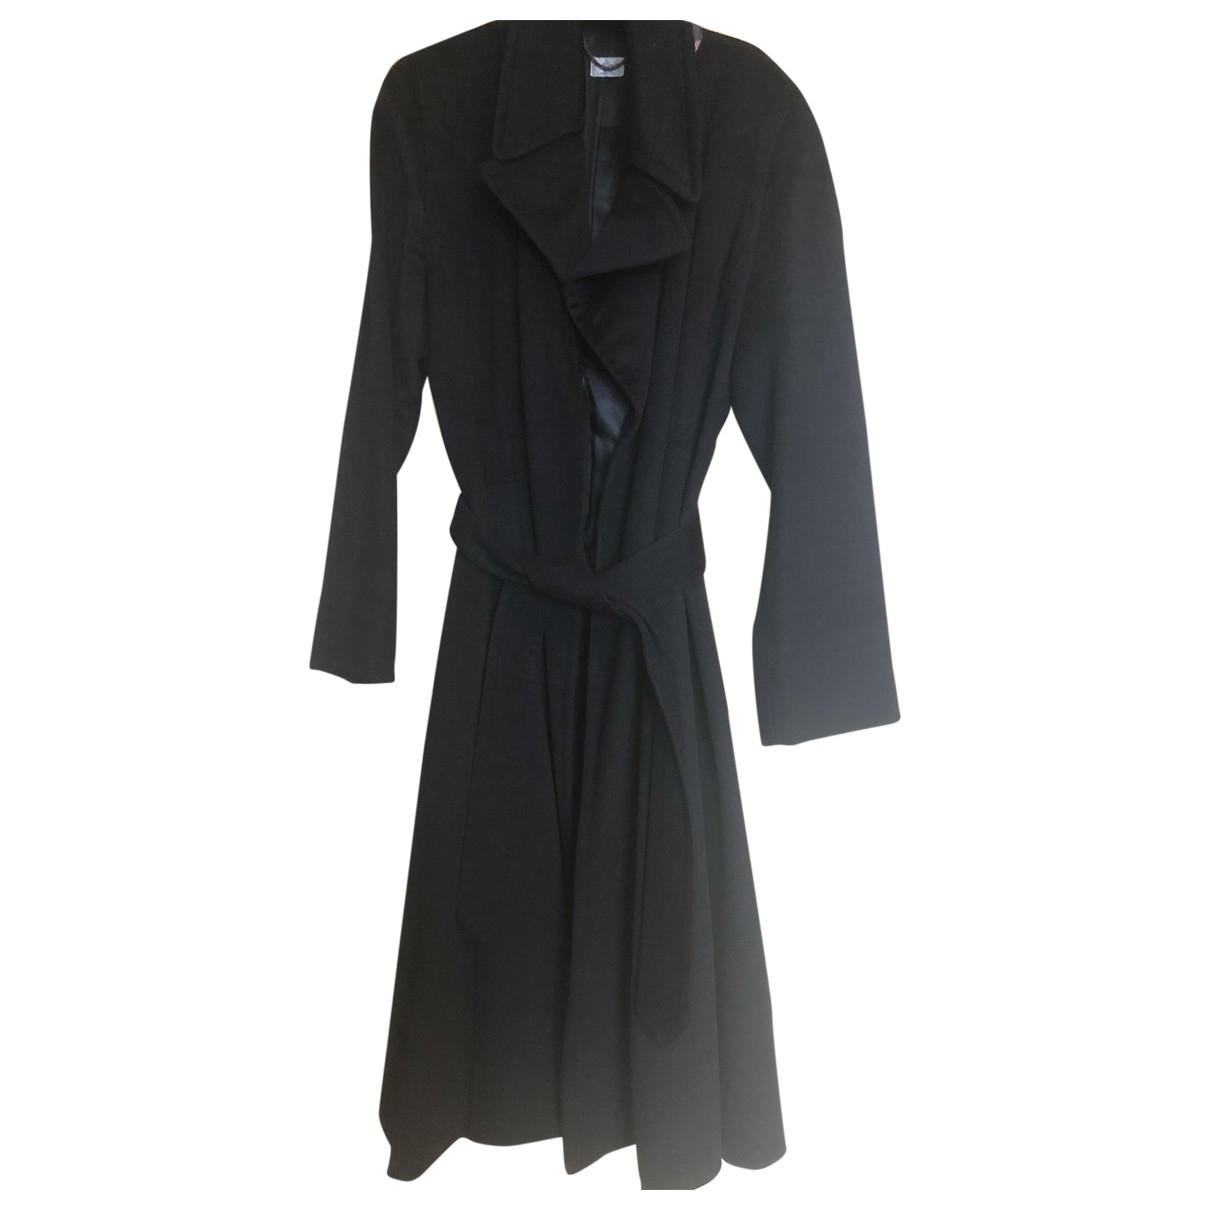 Paul Smith \N Black Wool coat for Women 44 IT